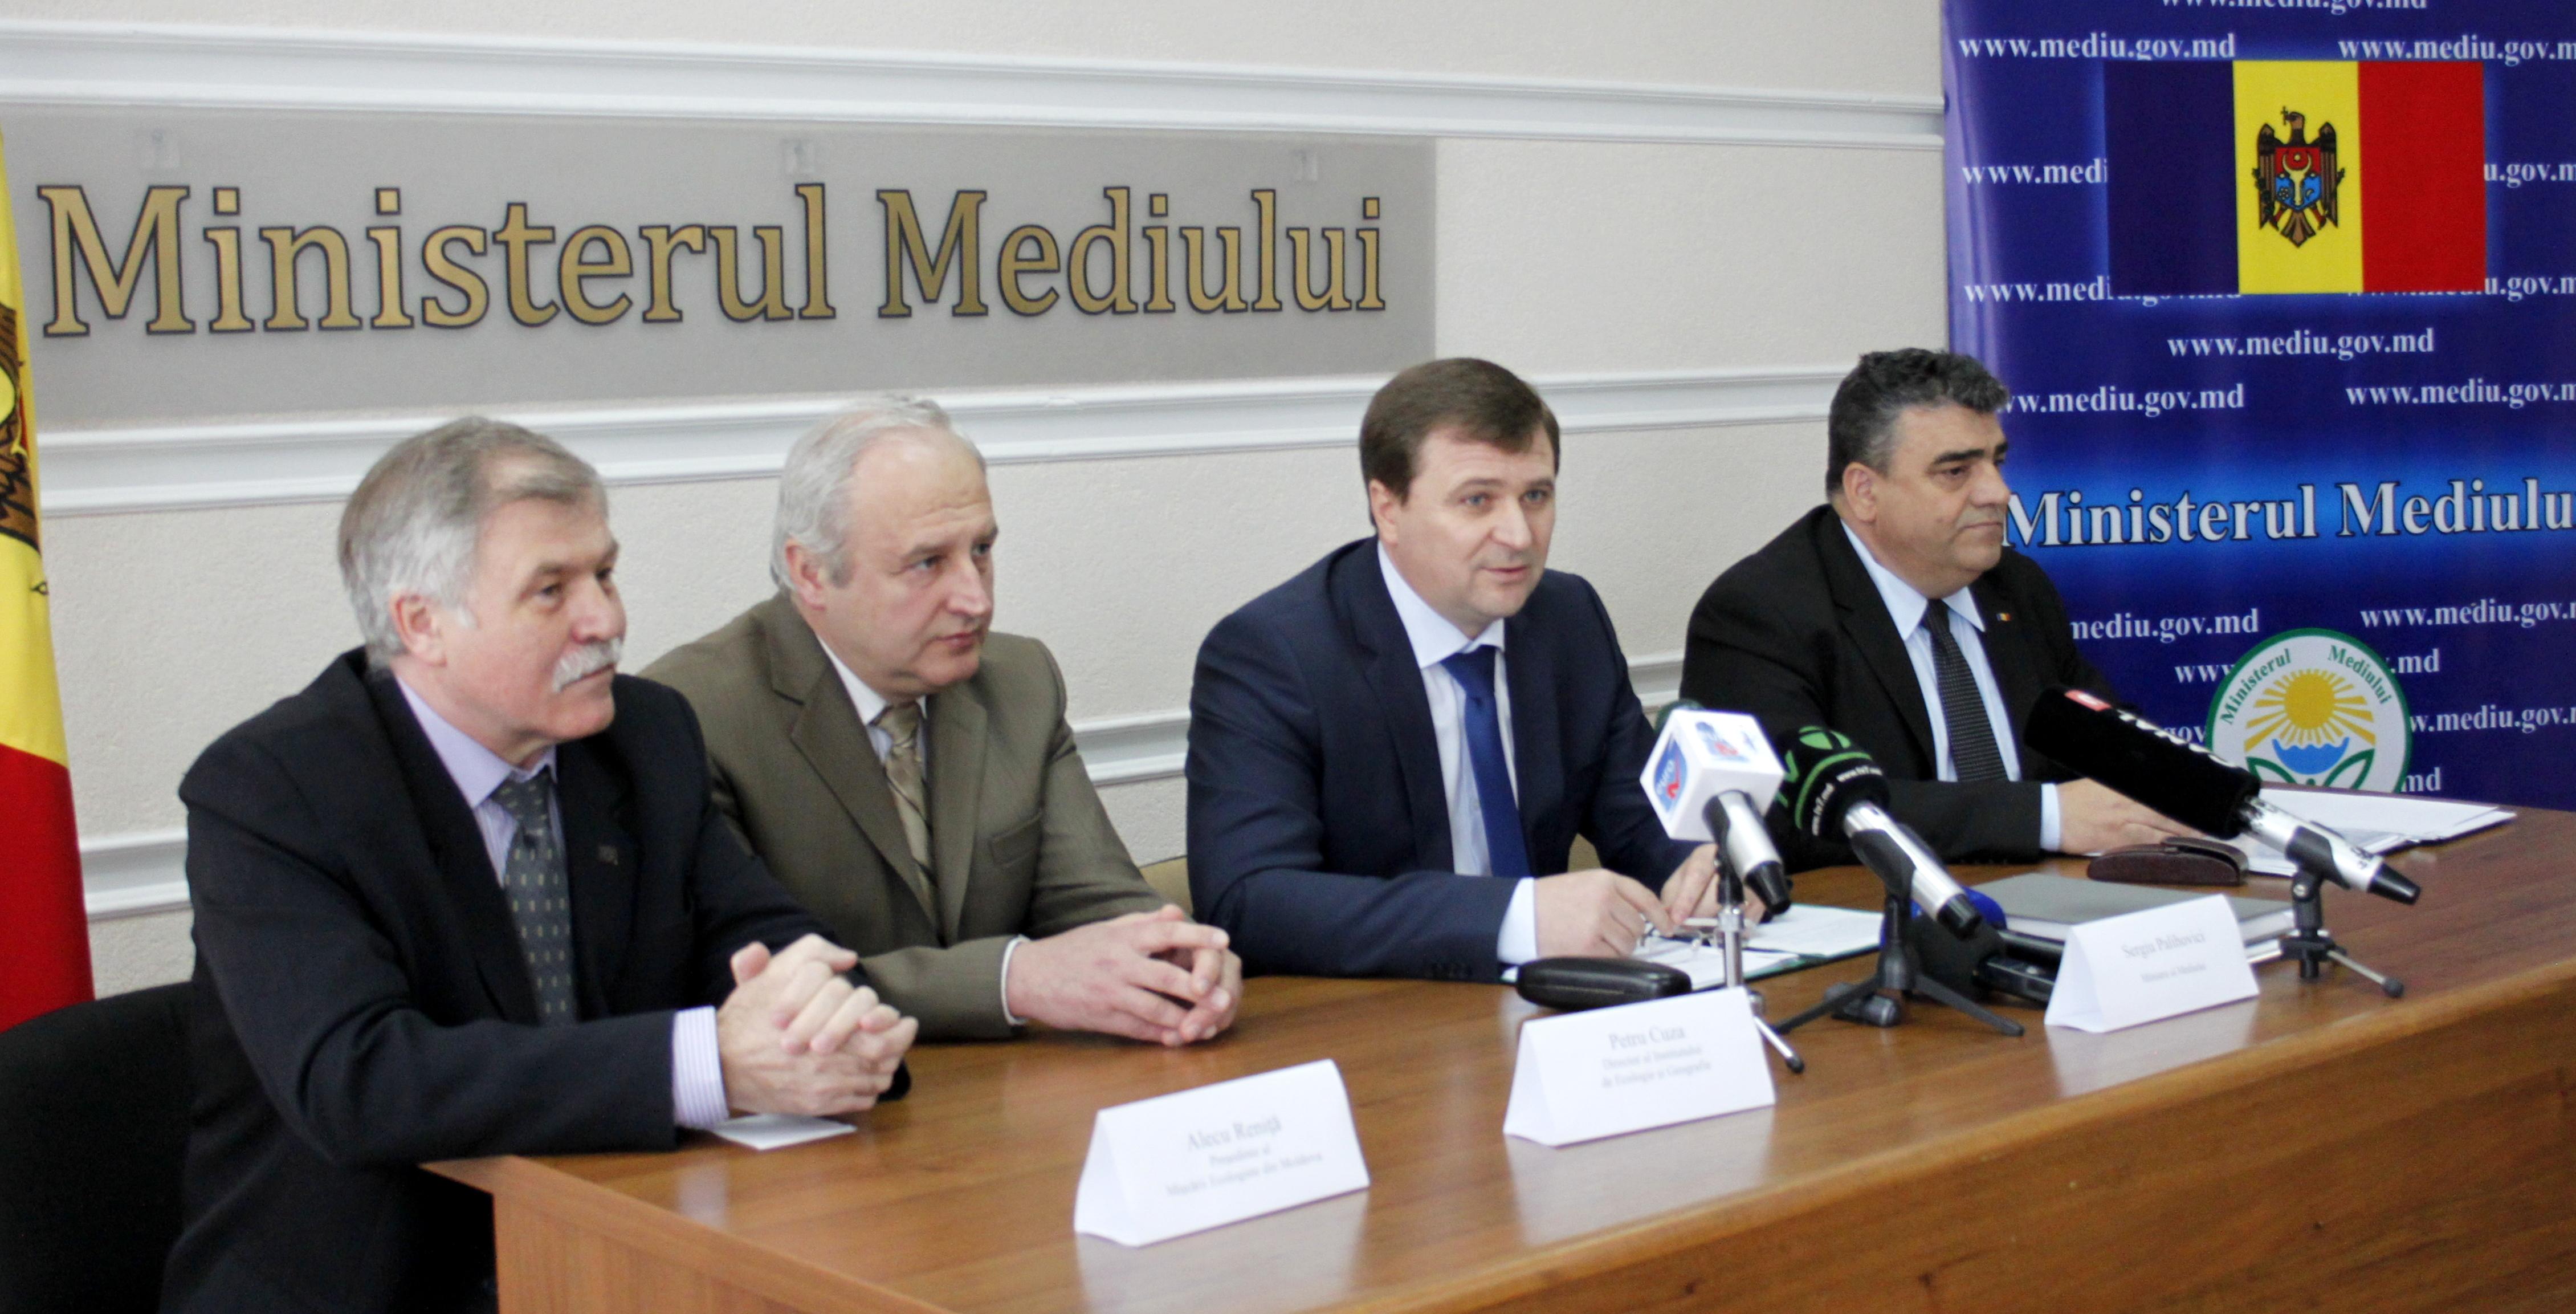 Ministrul Mediului a comunicat ce reforme vor fi efectuate în sistem